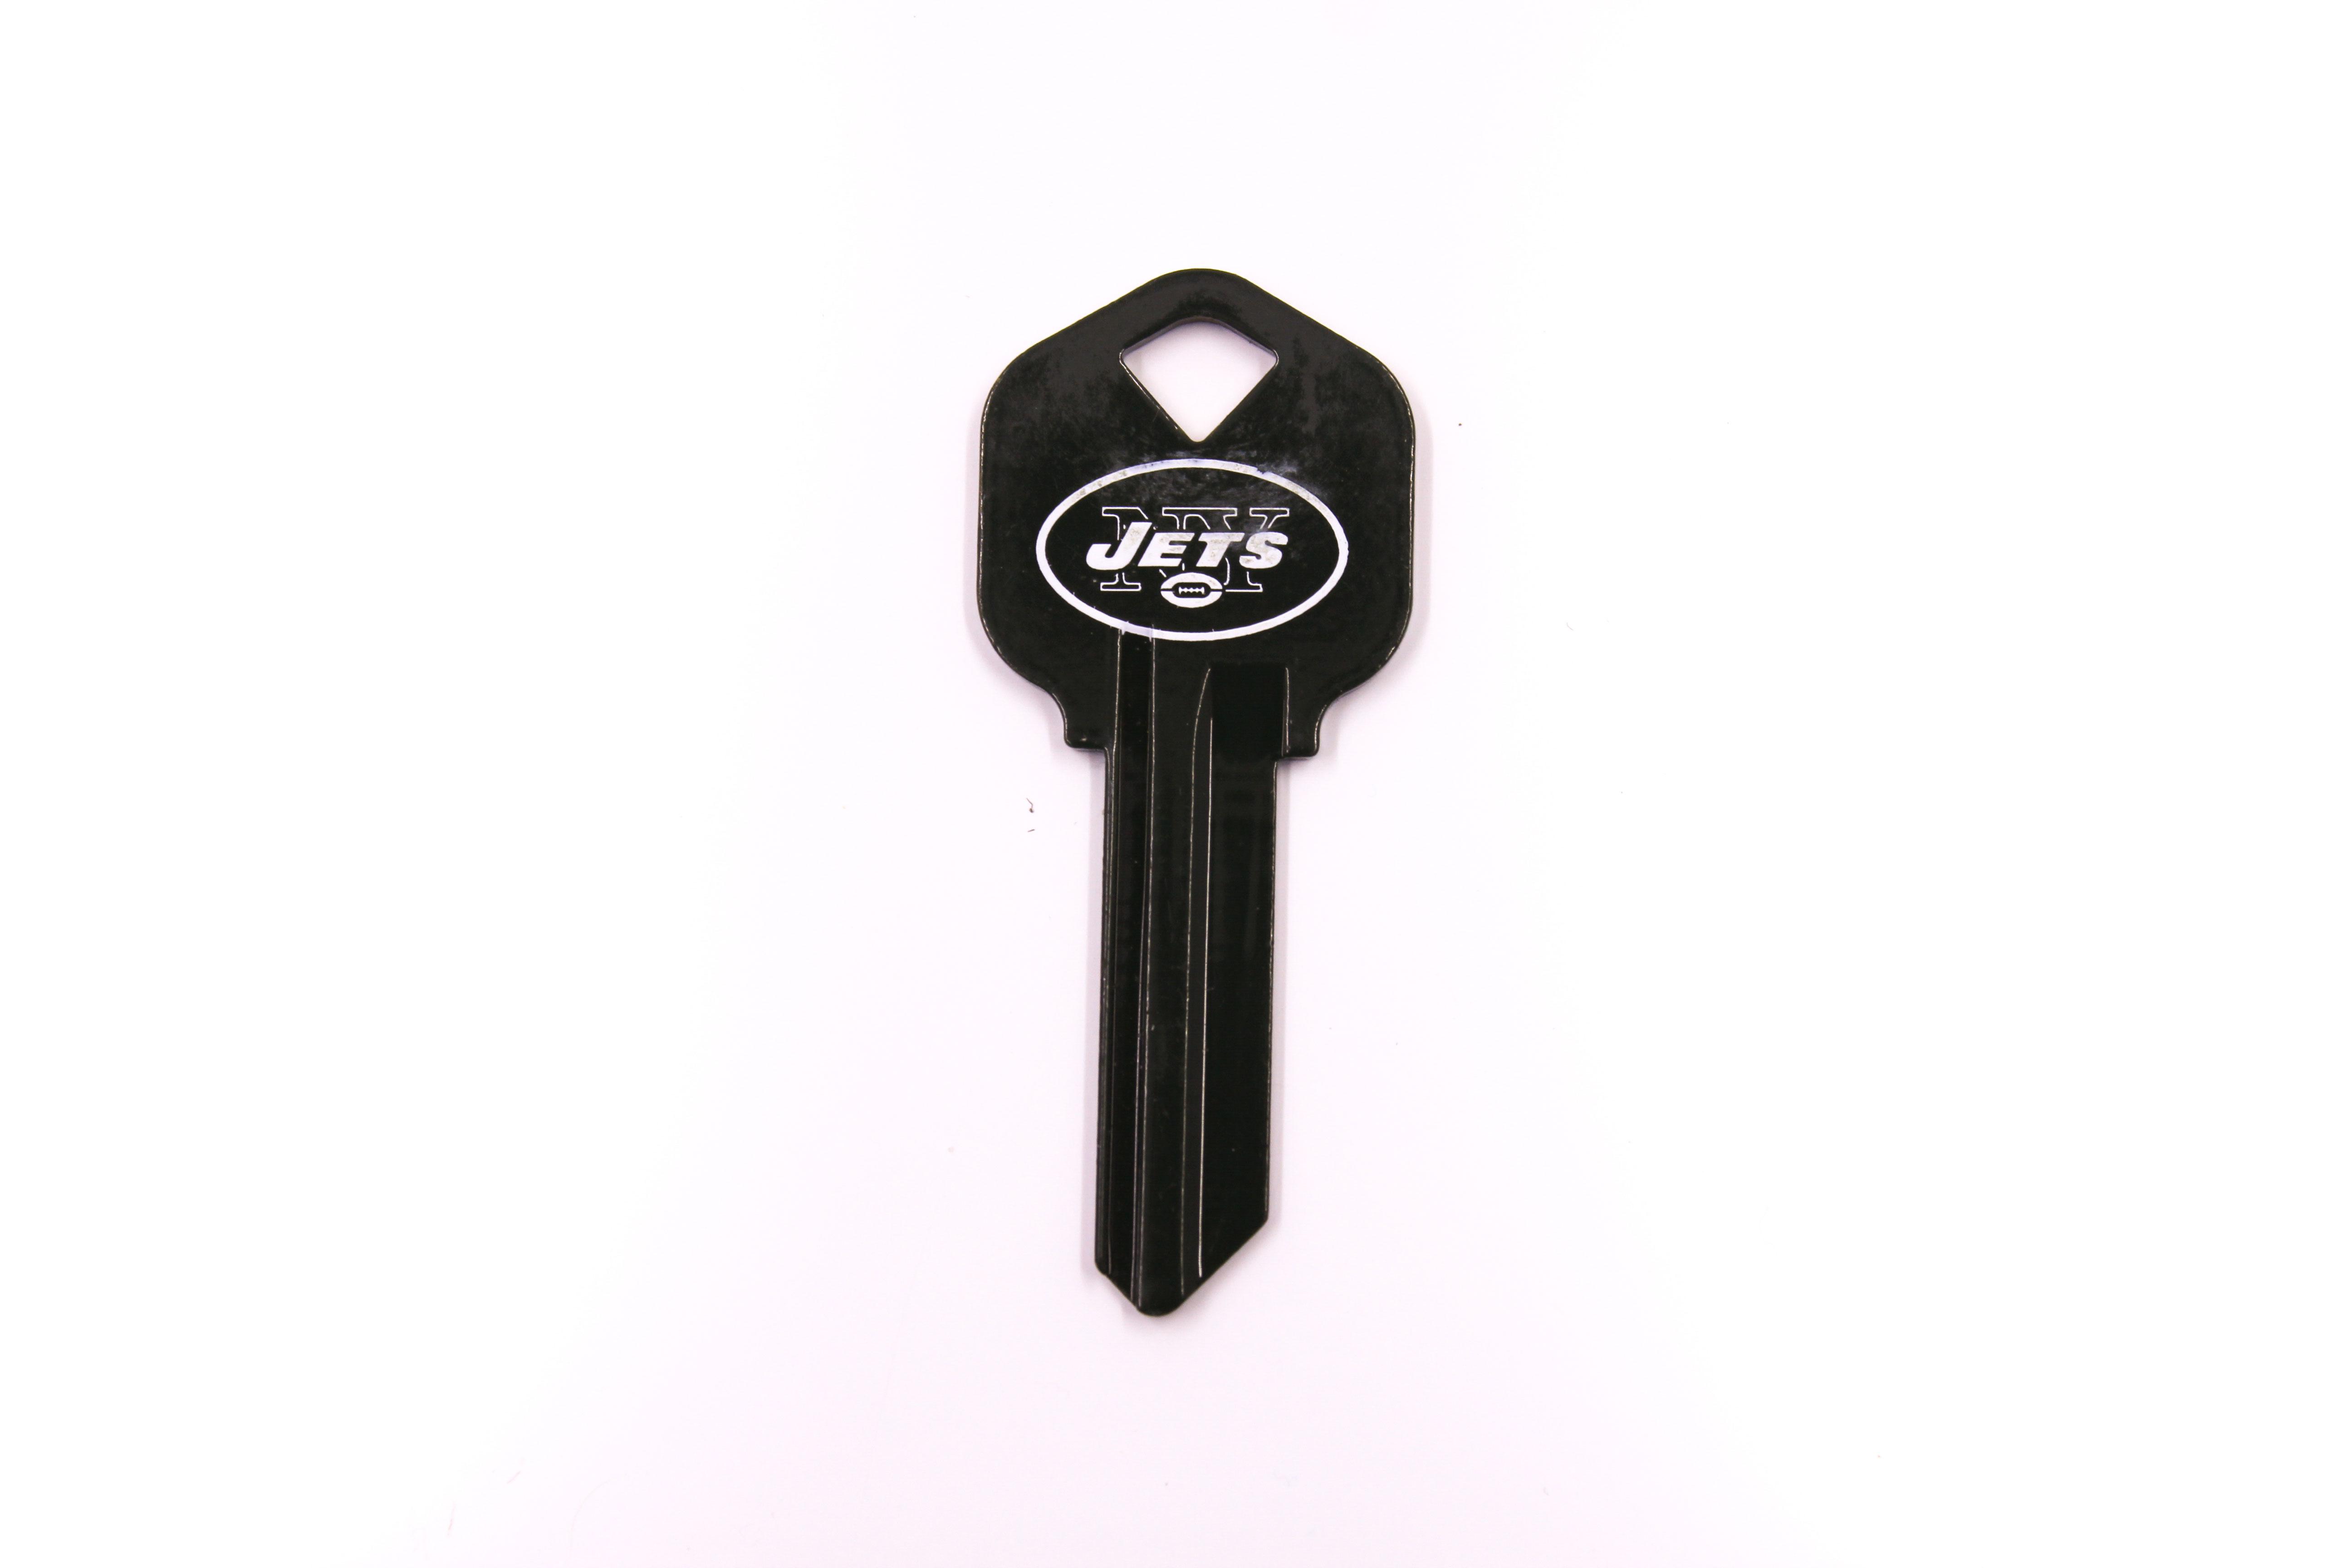 5184x3456 Keys